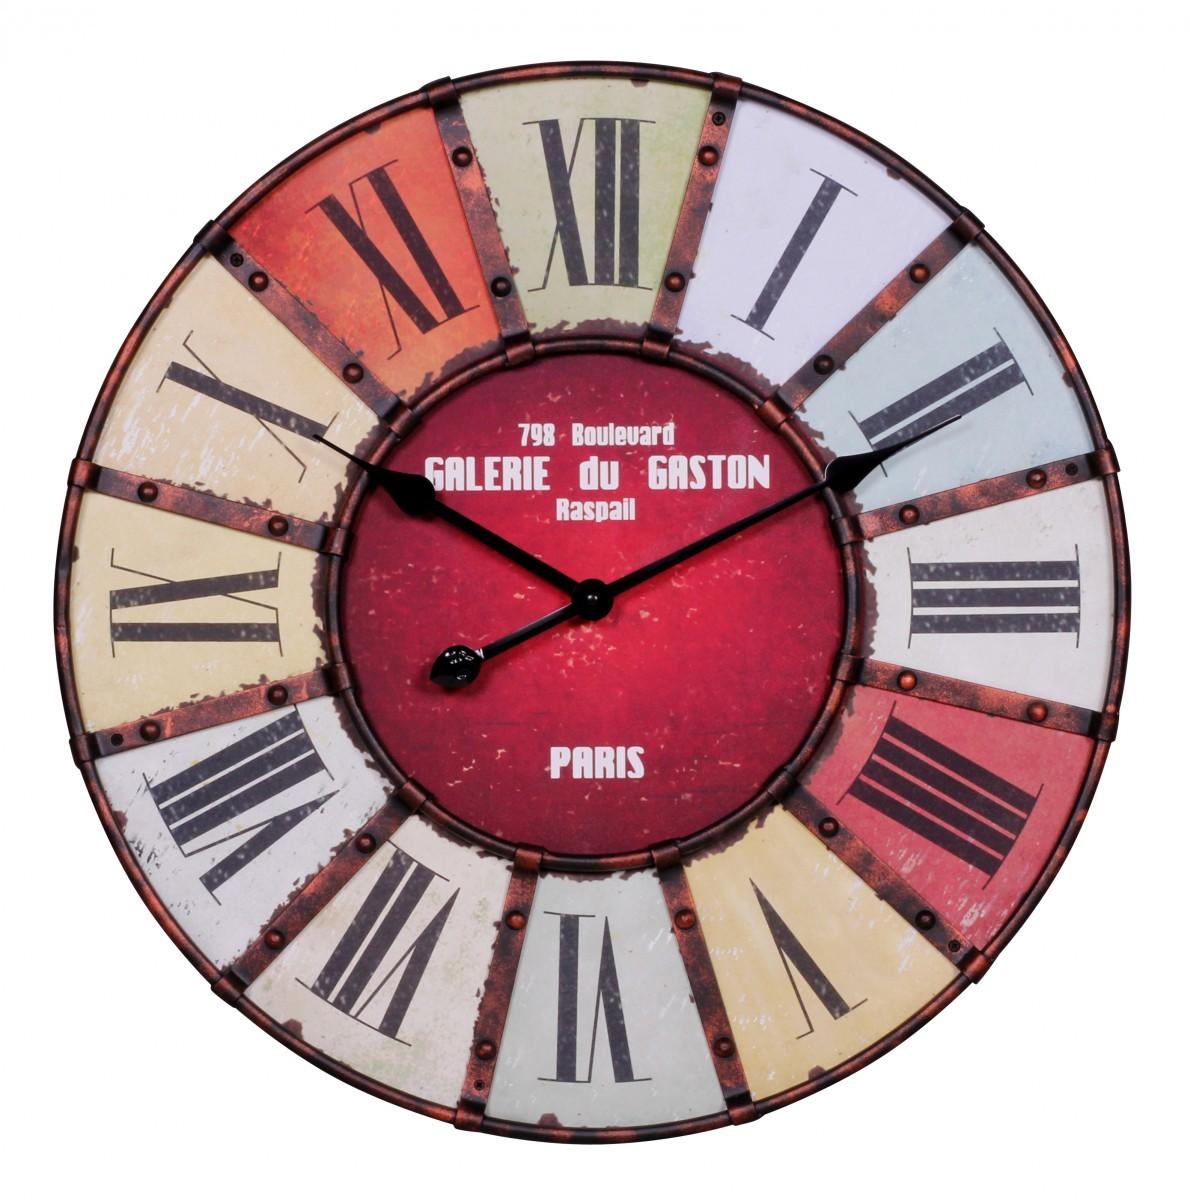 cool finebuy wanduhr xxl cm galerie kchenuhr vintagelook bahnhofsuhr modern rmische ziffern mehrfarbig stilvoll with groe wanduhr mit rmischen zahlen - Bergroe Wanduhr